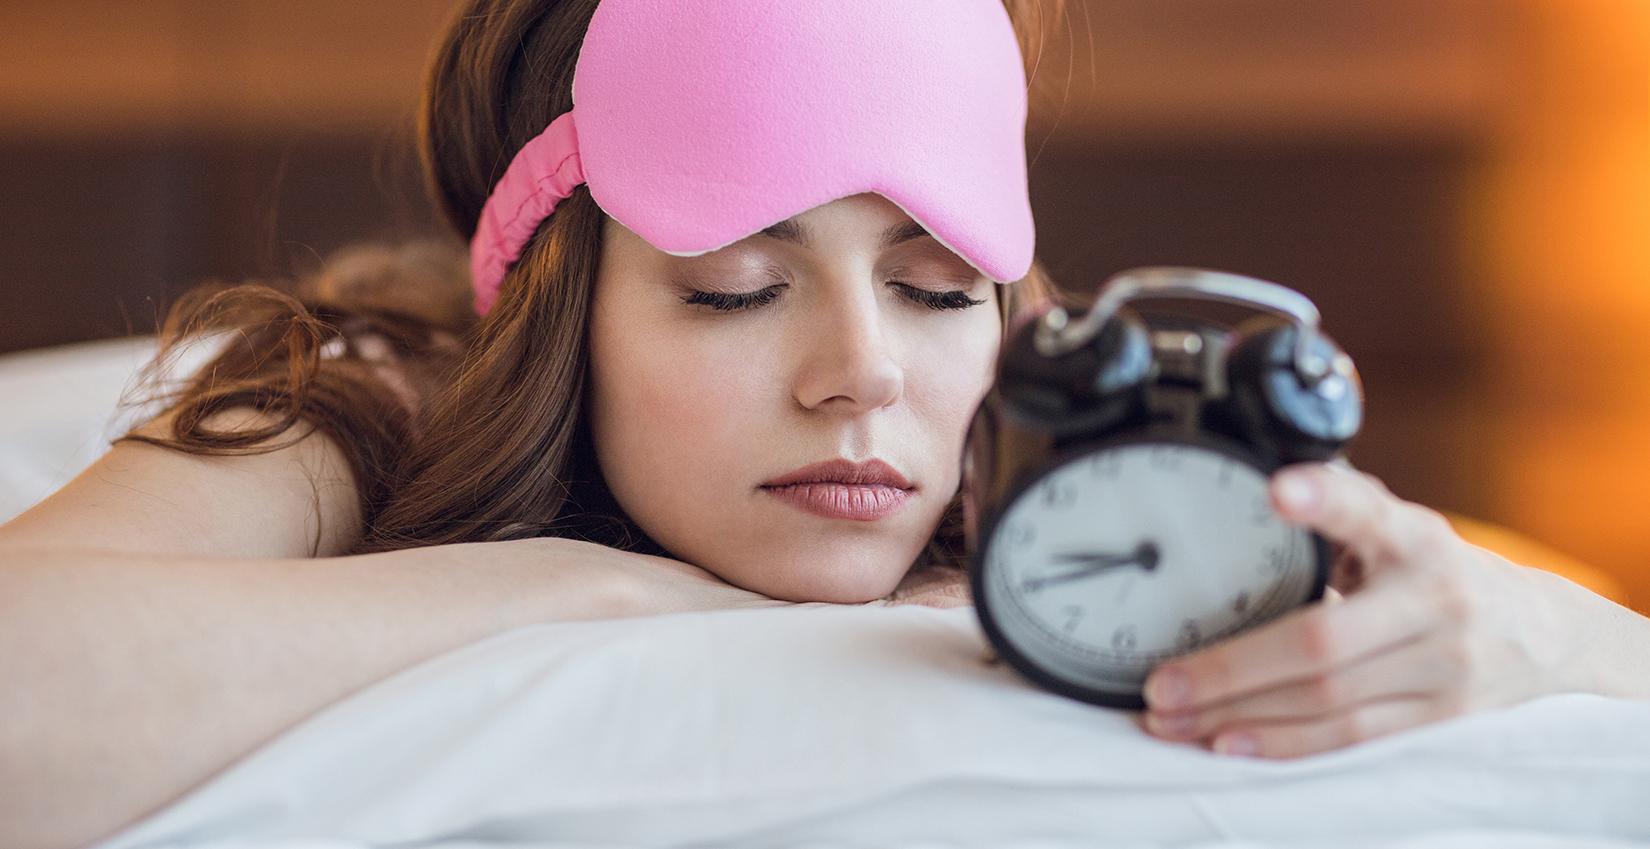 Schlafmangel erhöht das Risiko für Herz-/Kreislaufstörungen